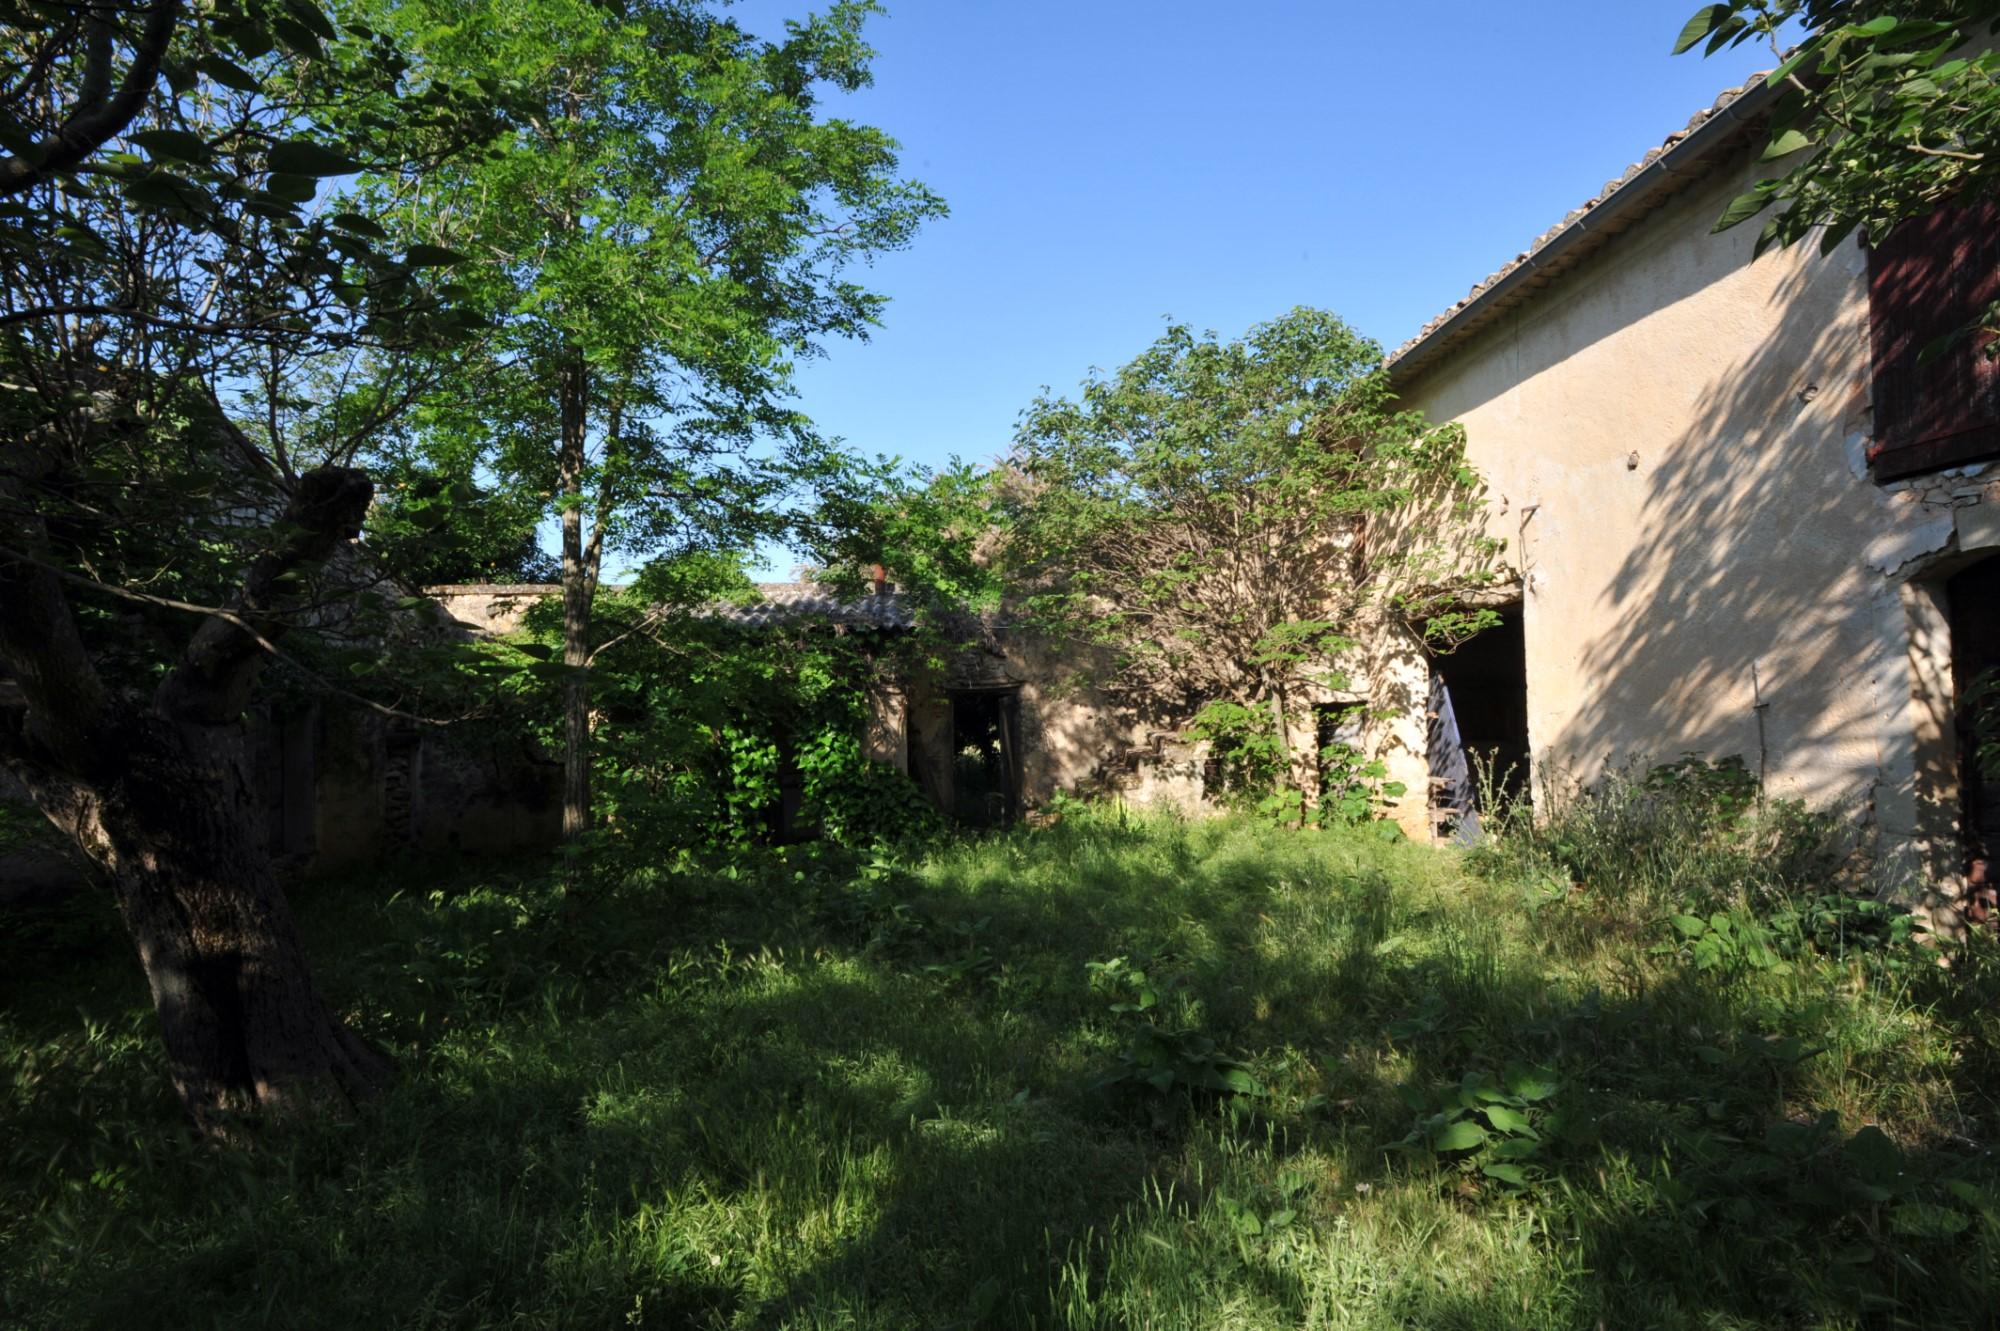 A vendre en Luberon, authentique mas ancien à restaurer